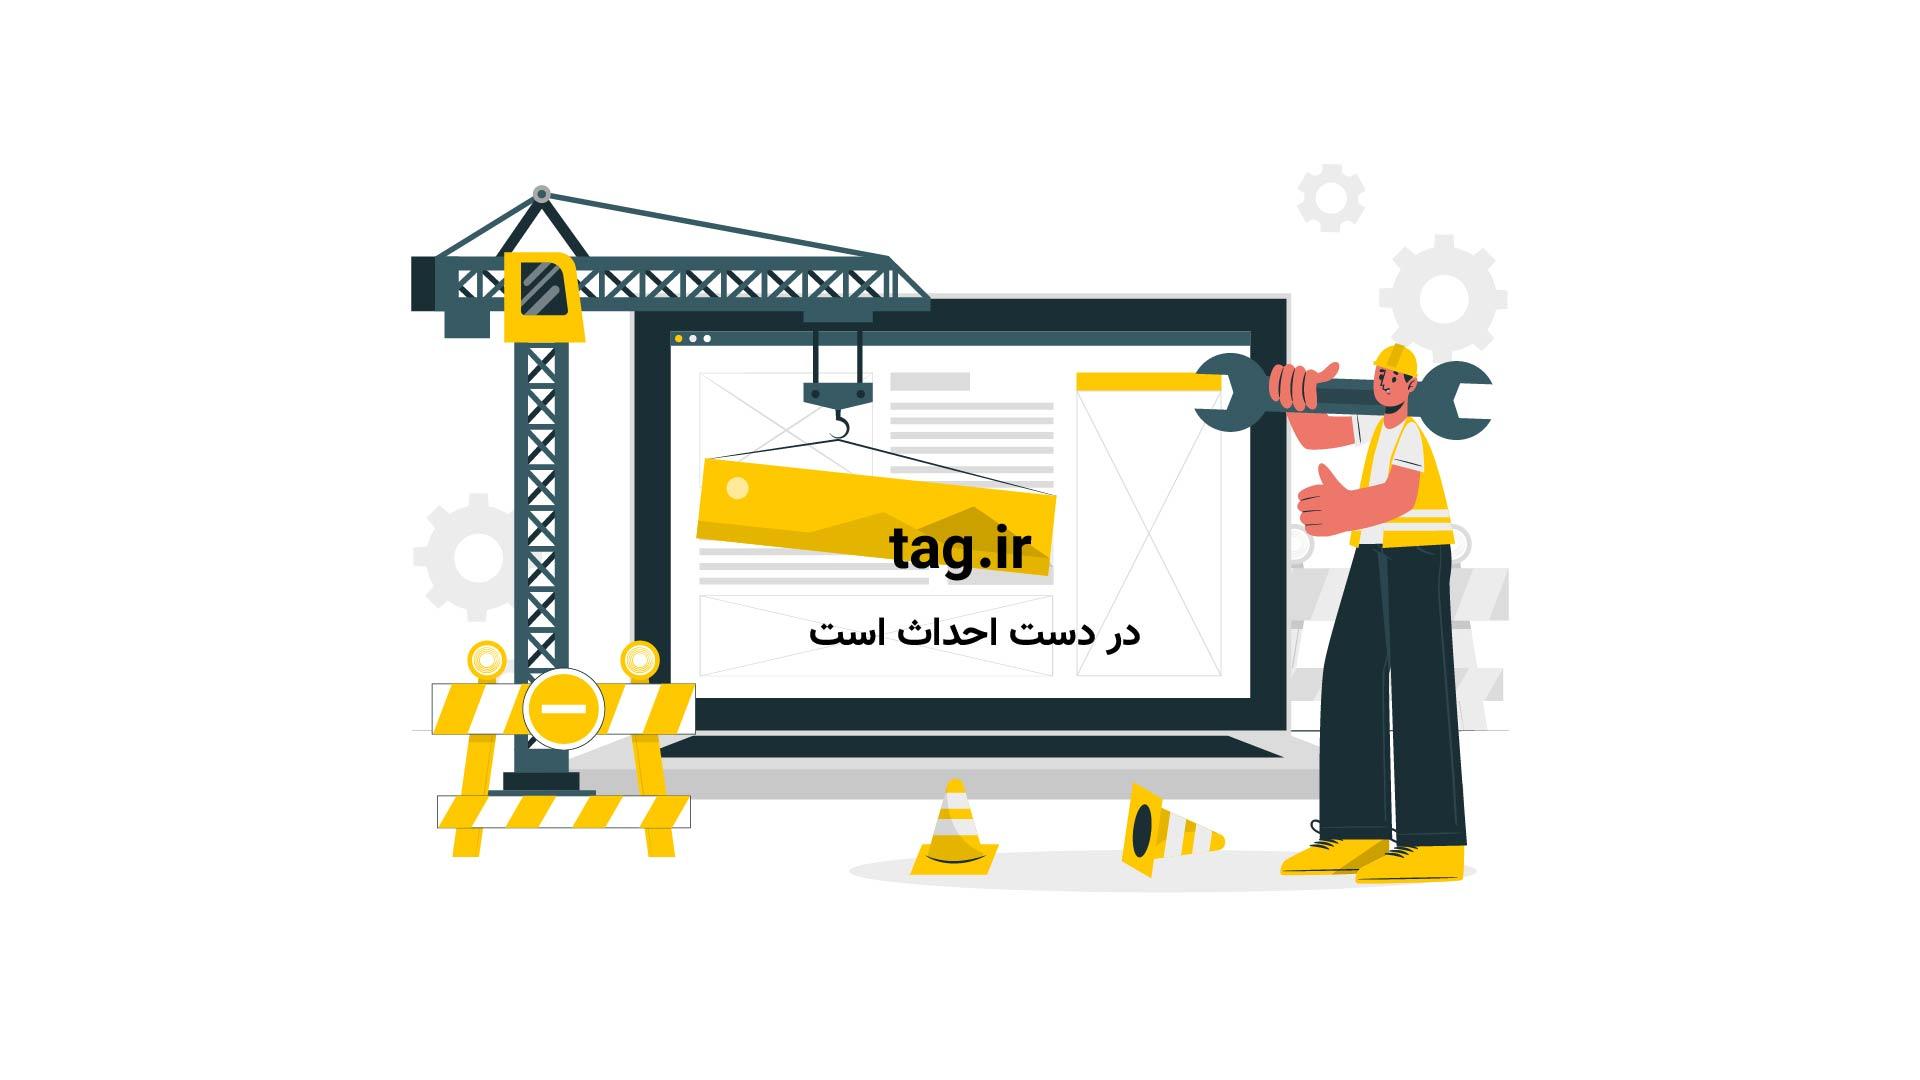 عناوین روزنامه های اقتصادی دوشنبه 29 خرداد   فیلم